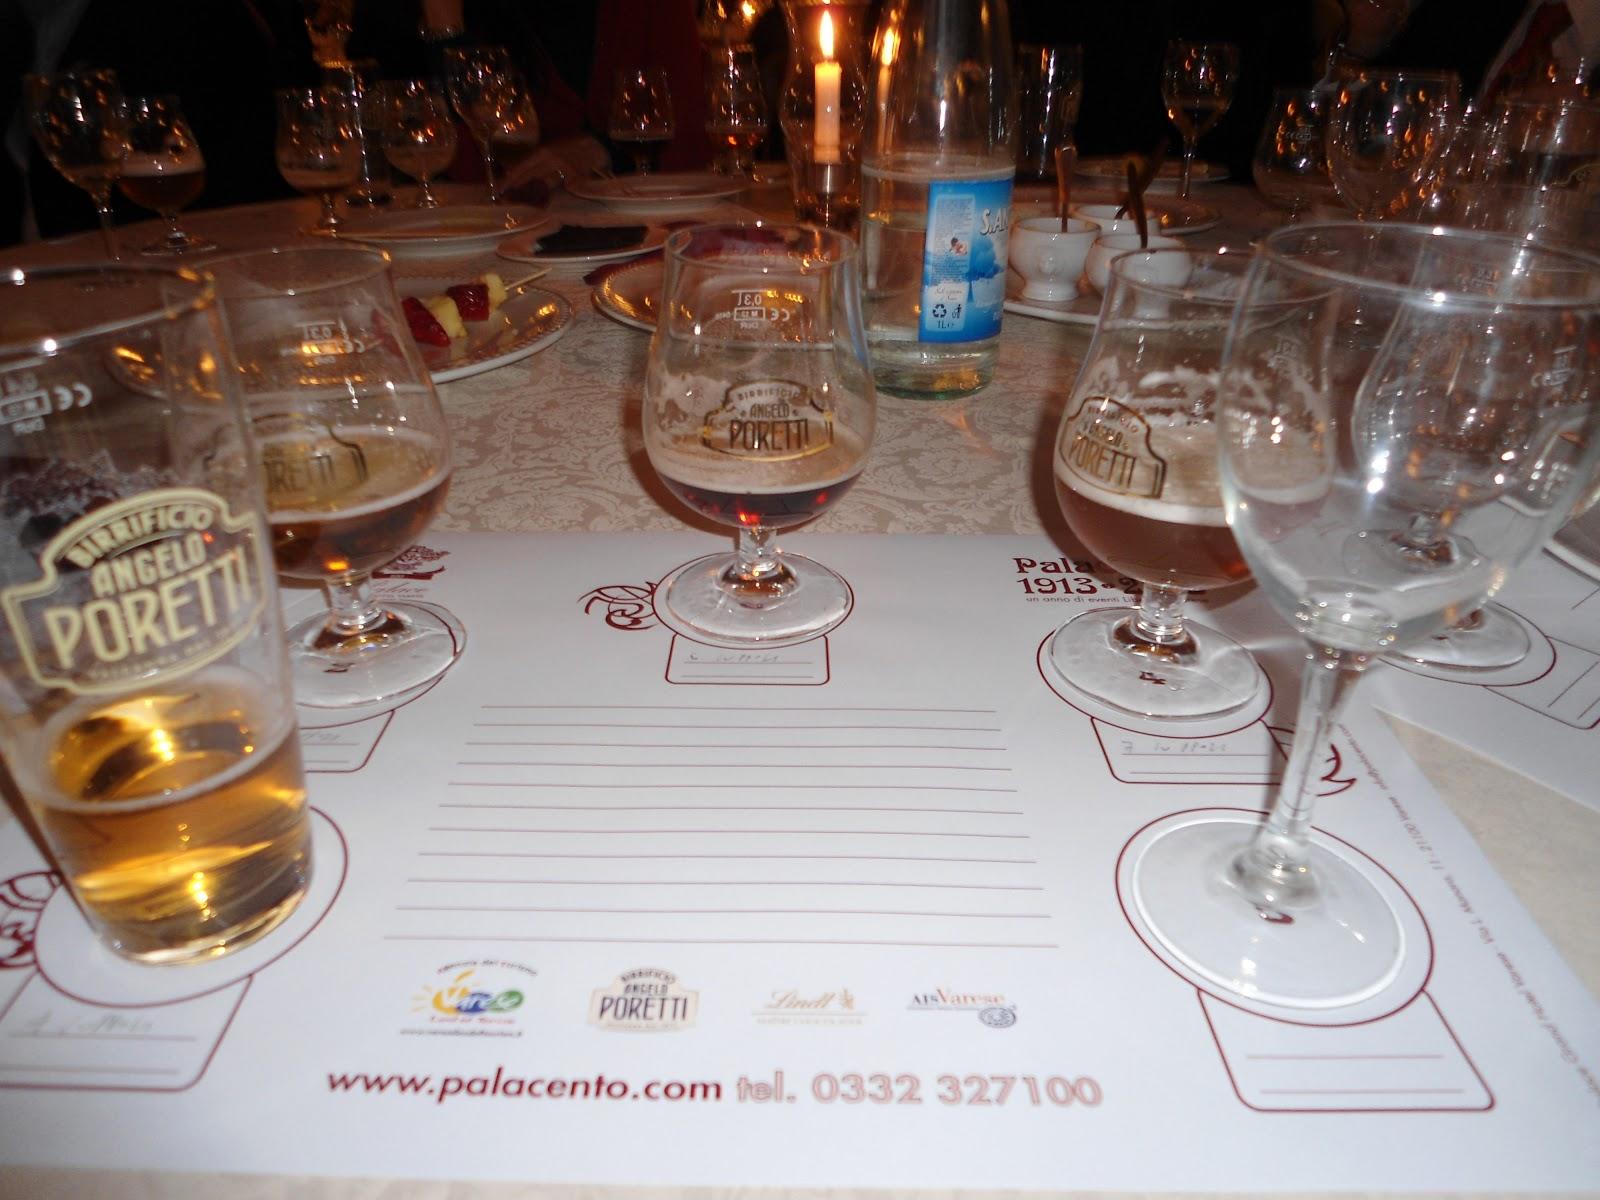 Birra Ais Varese